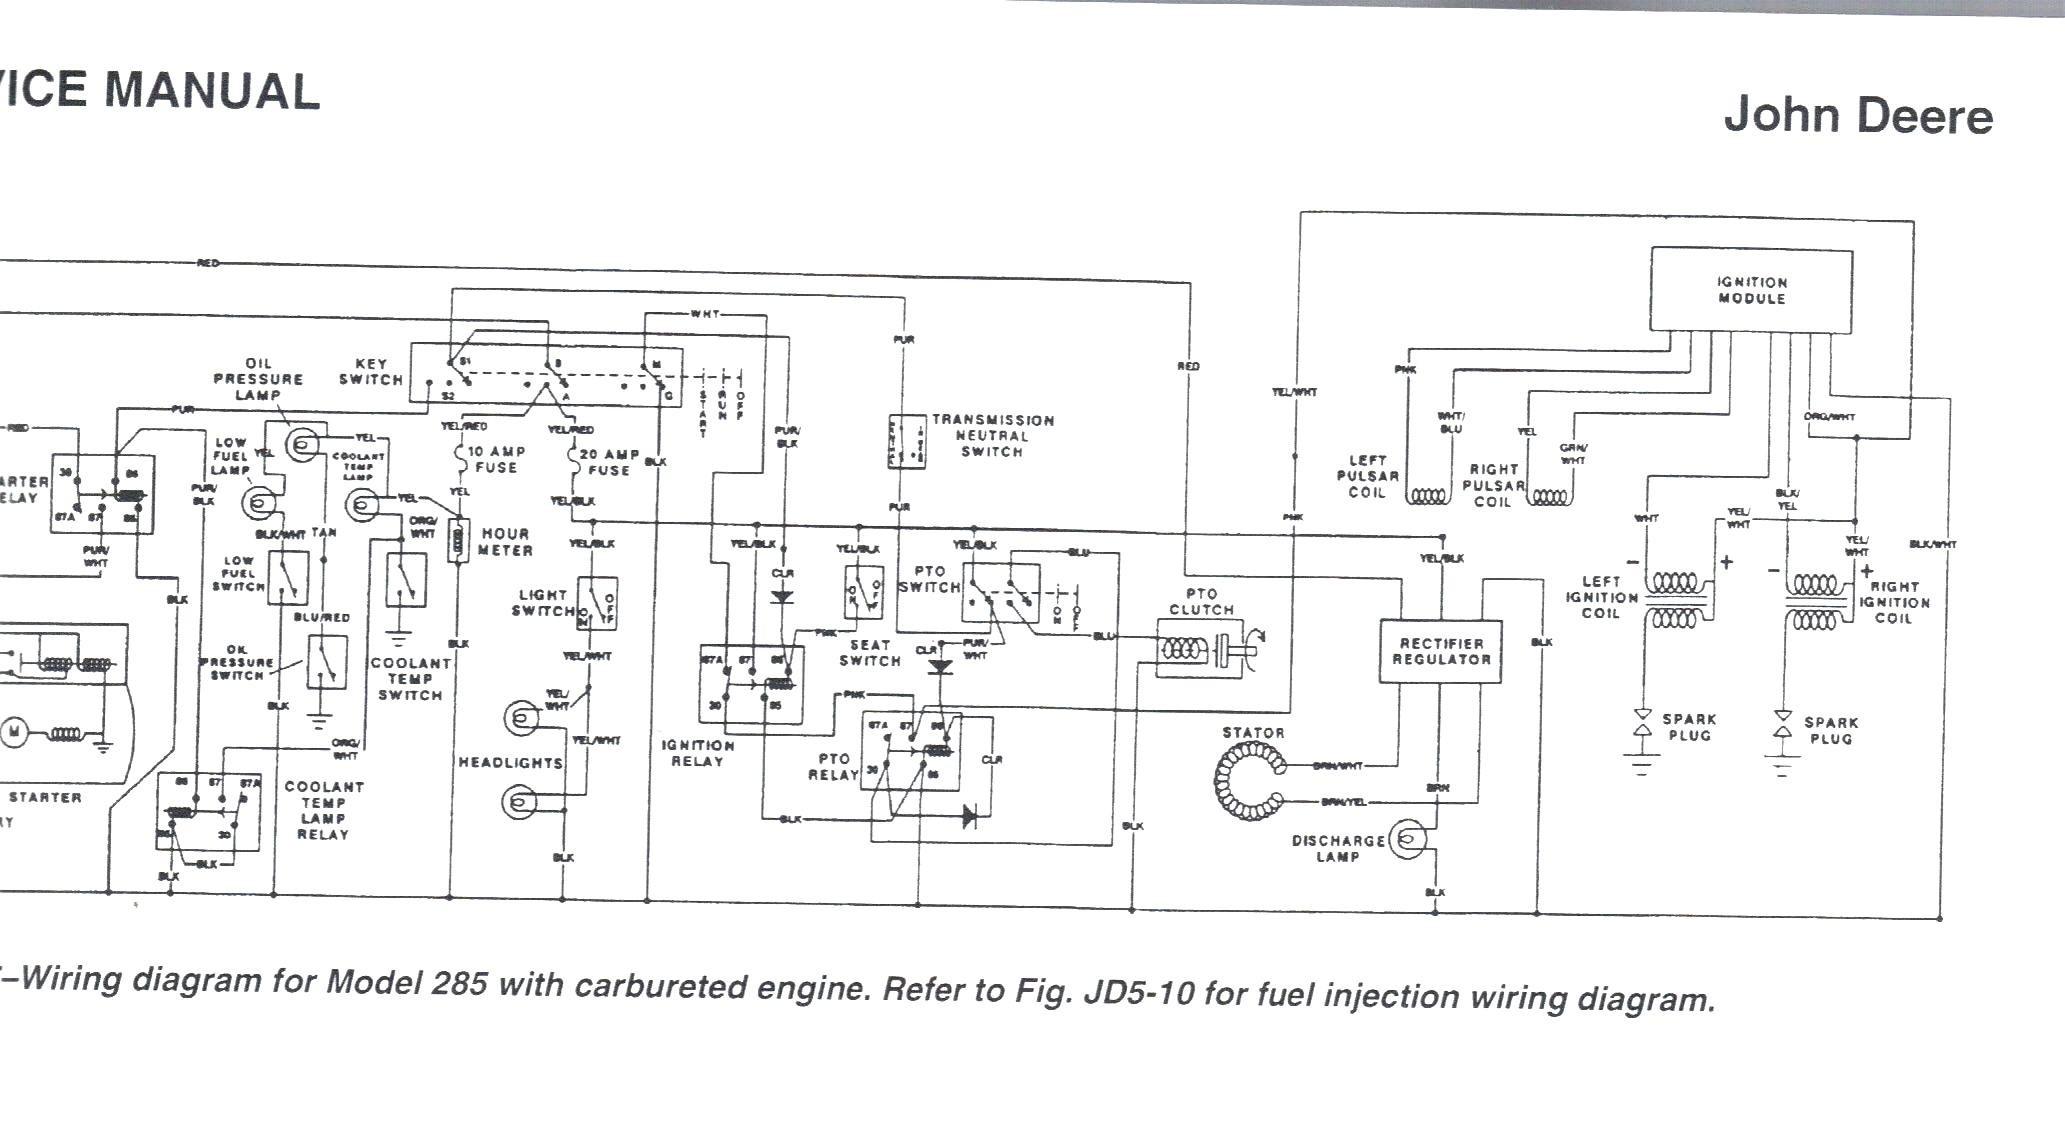 deere gator wiring diagram wiring diagram schematic